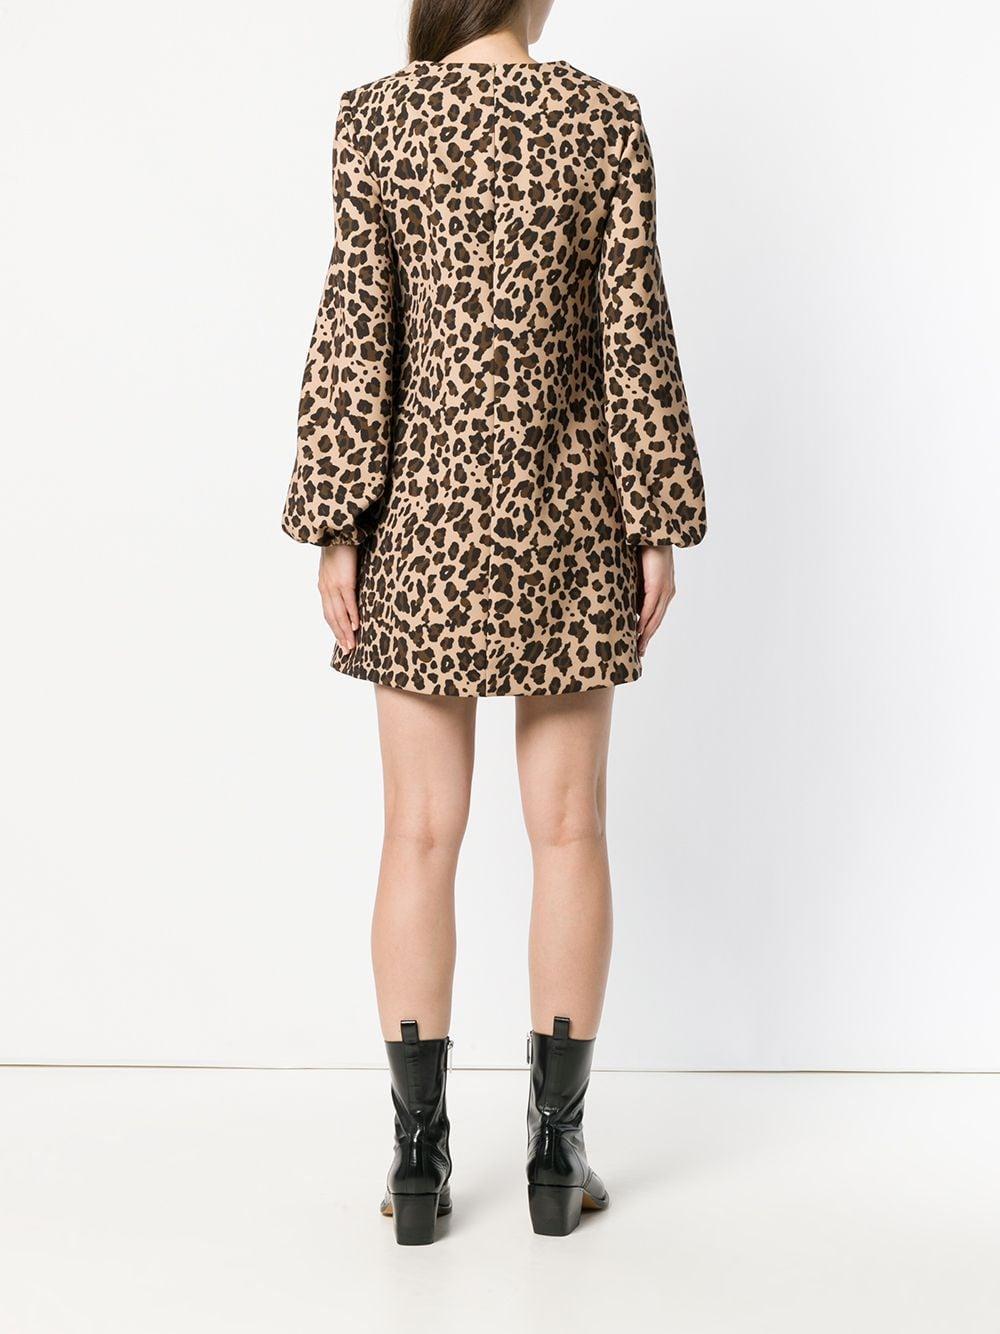 Vestido recto con estampado de leopardo P.A.R.O.S.H. de Tejido sintético